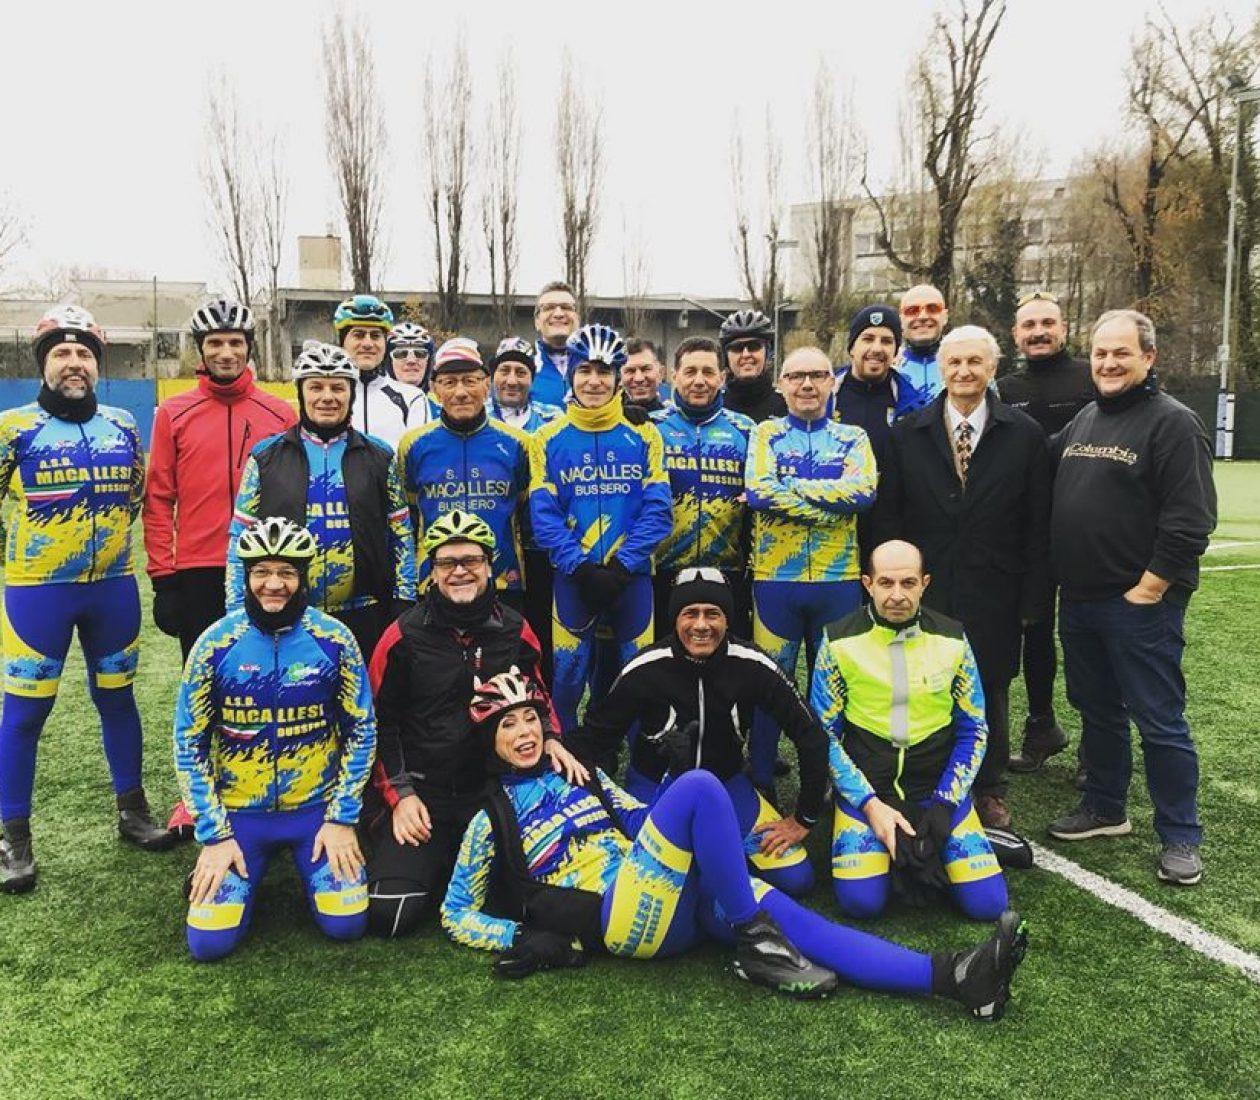 Raduno storico tra ACD Macallesi 1927 calcio e ASD Macallesi Bussero ciclismo!